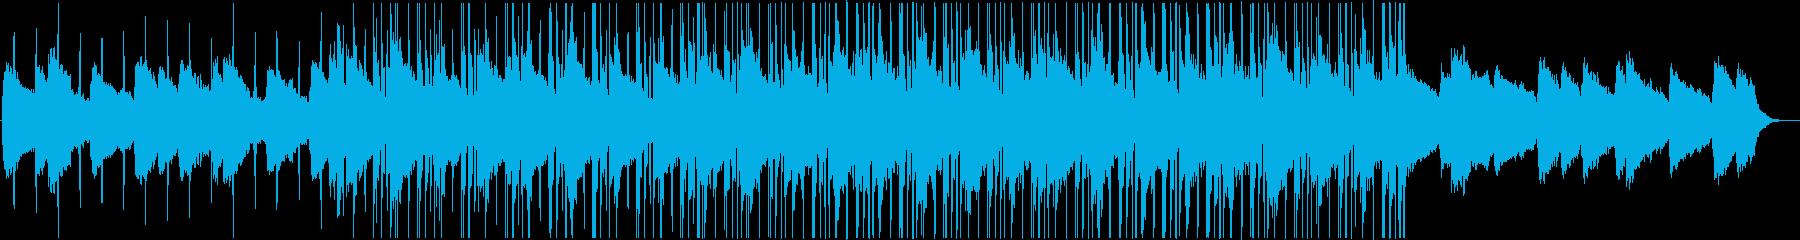 おしゃれなチル風ヒップホップBGMの再生済みの波形